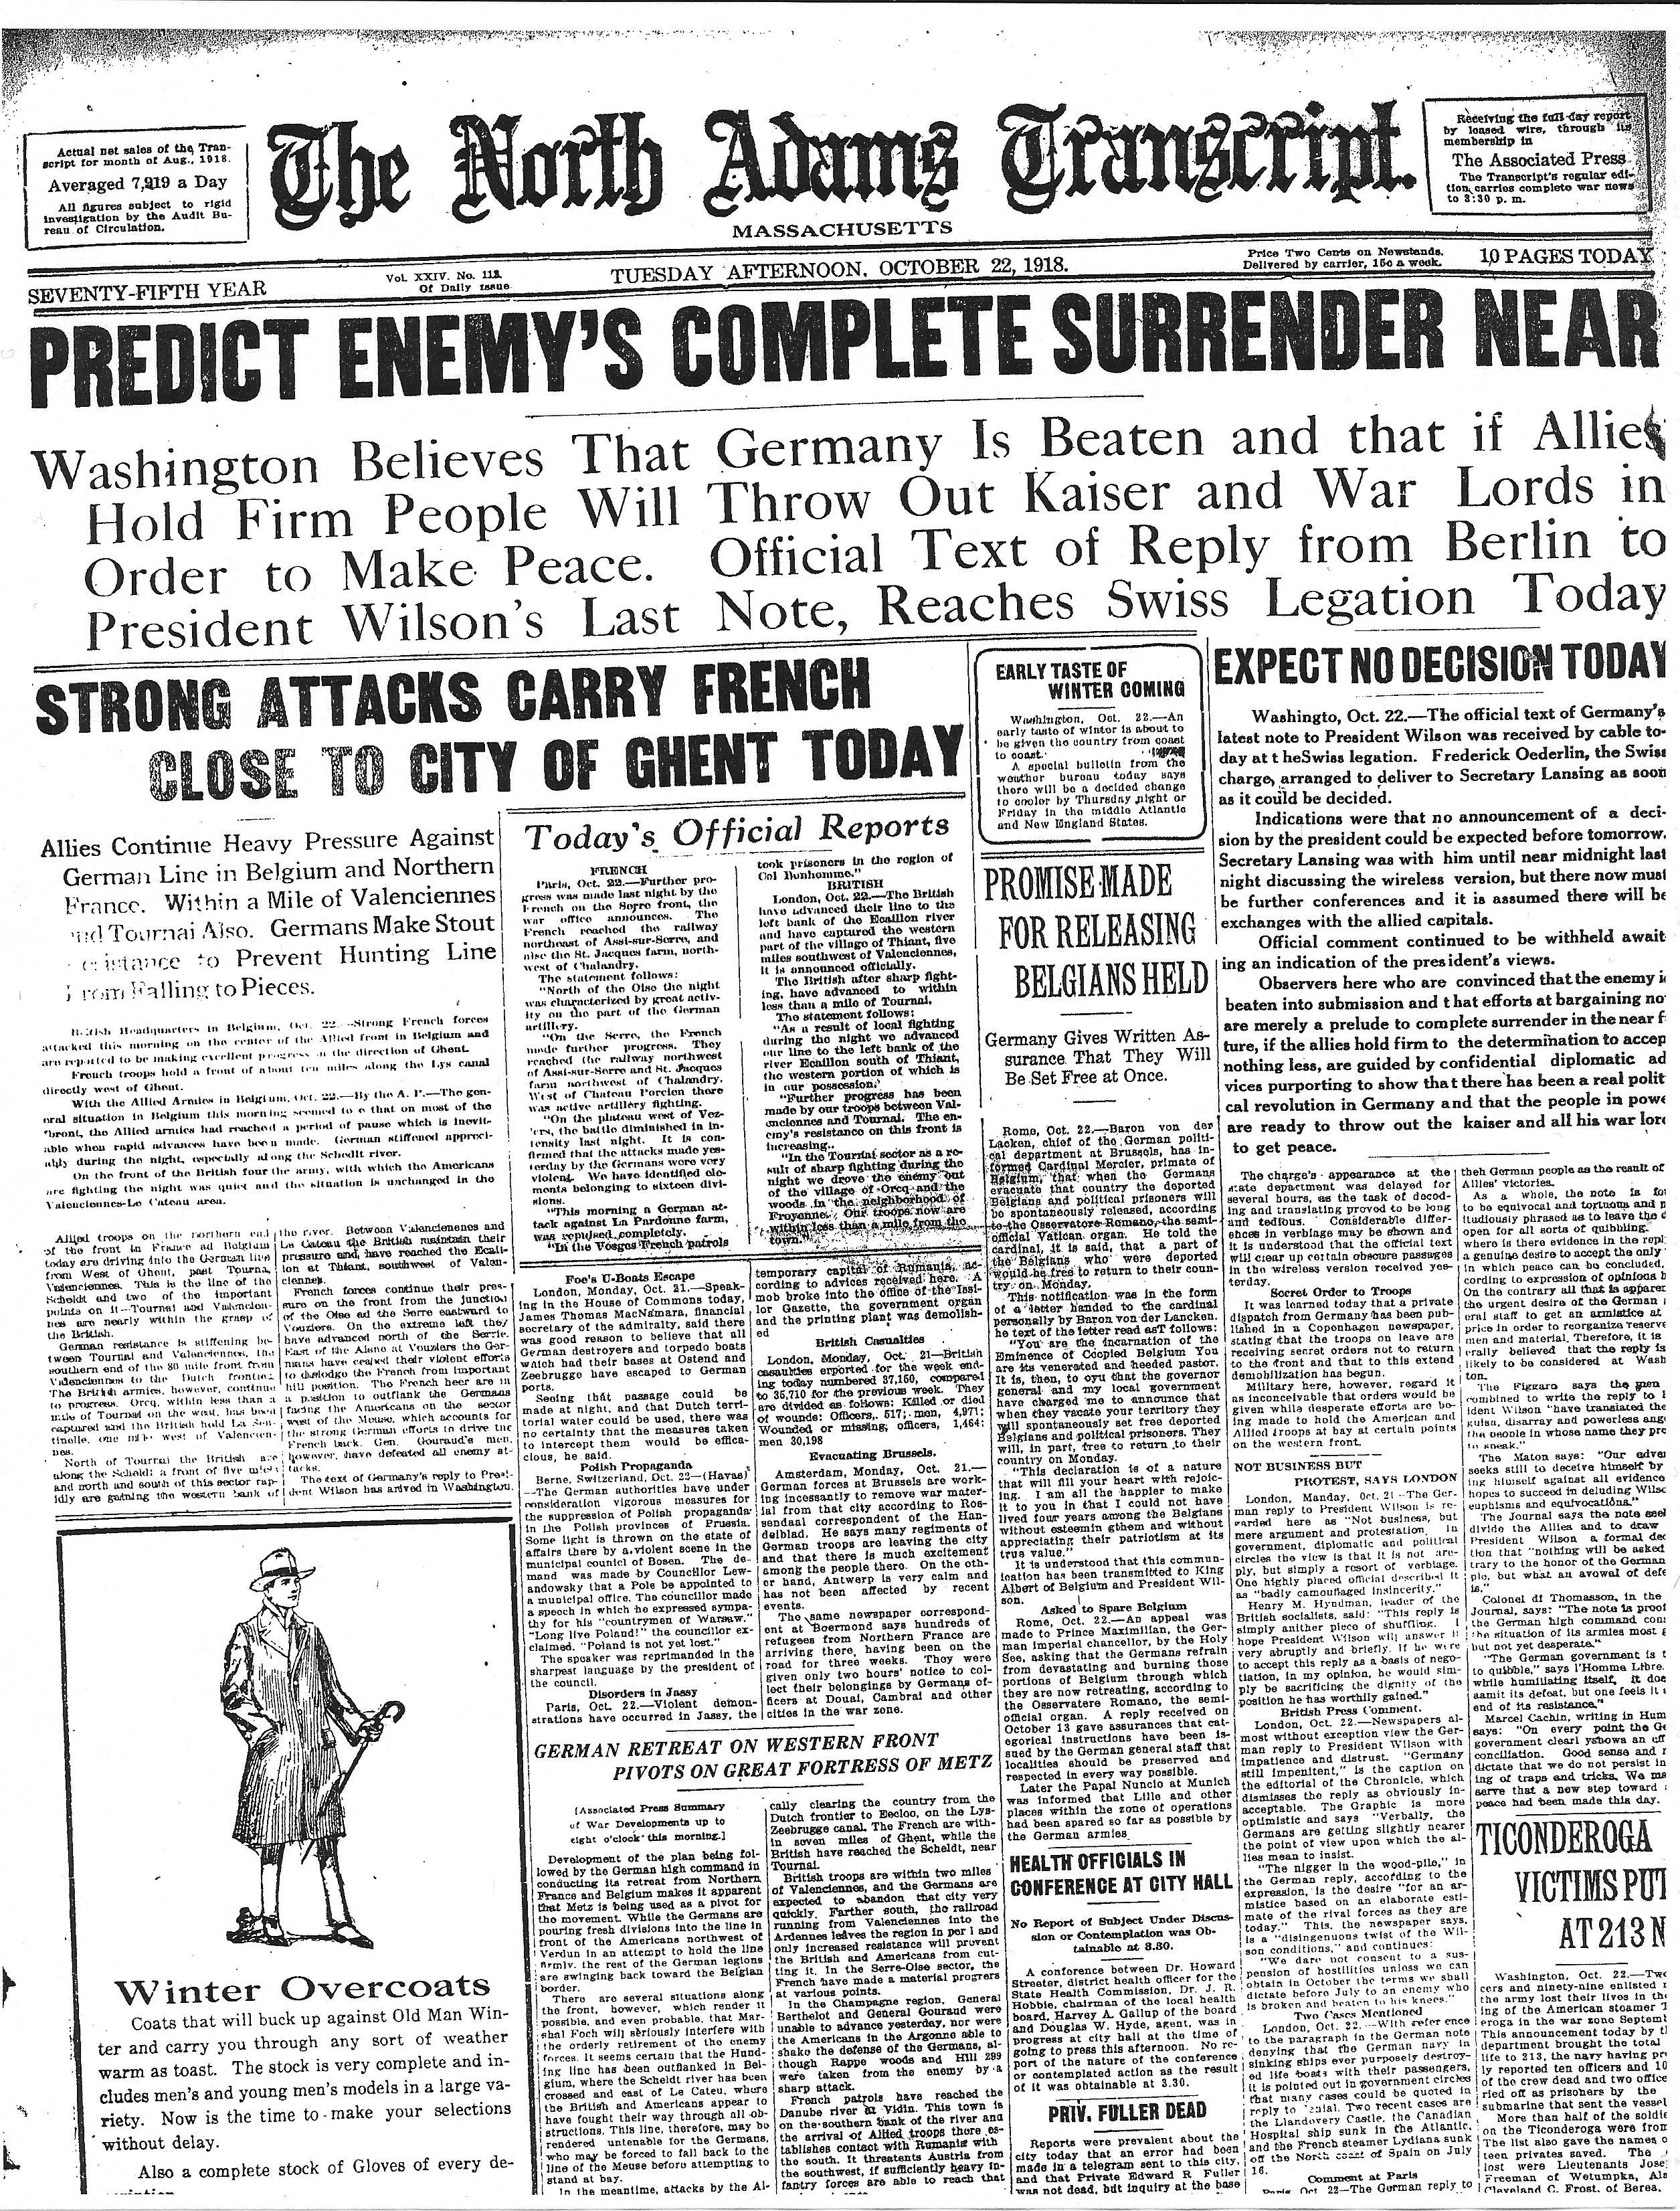 October 22, 1918.